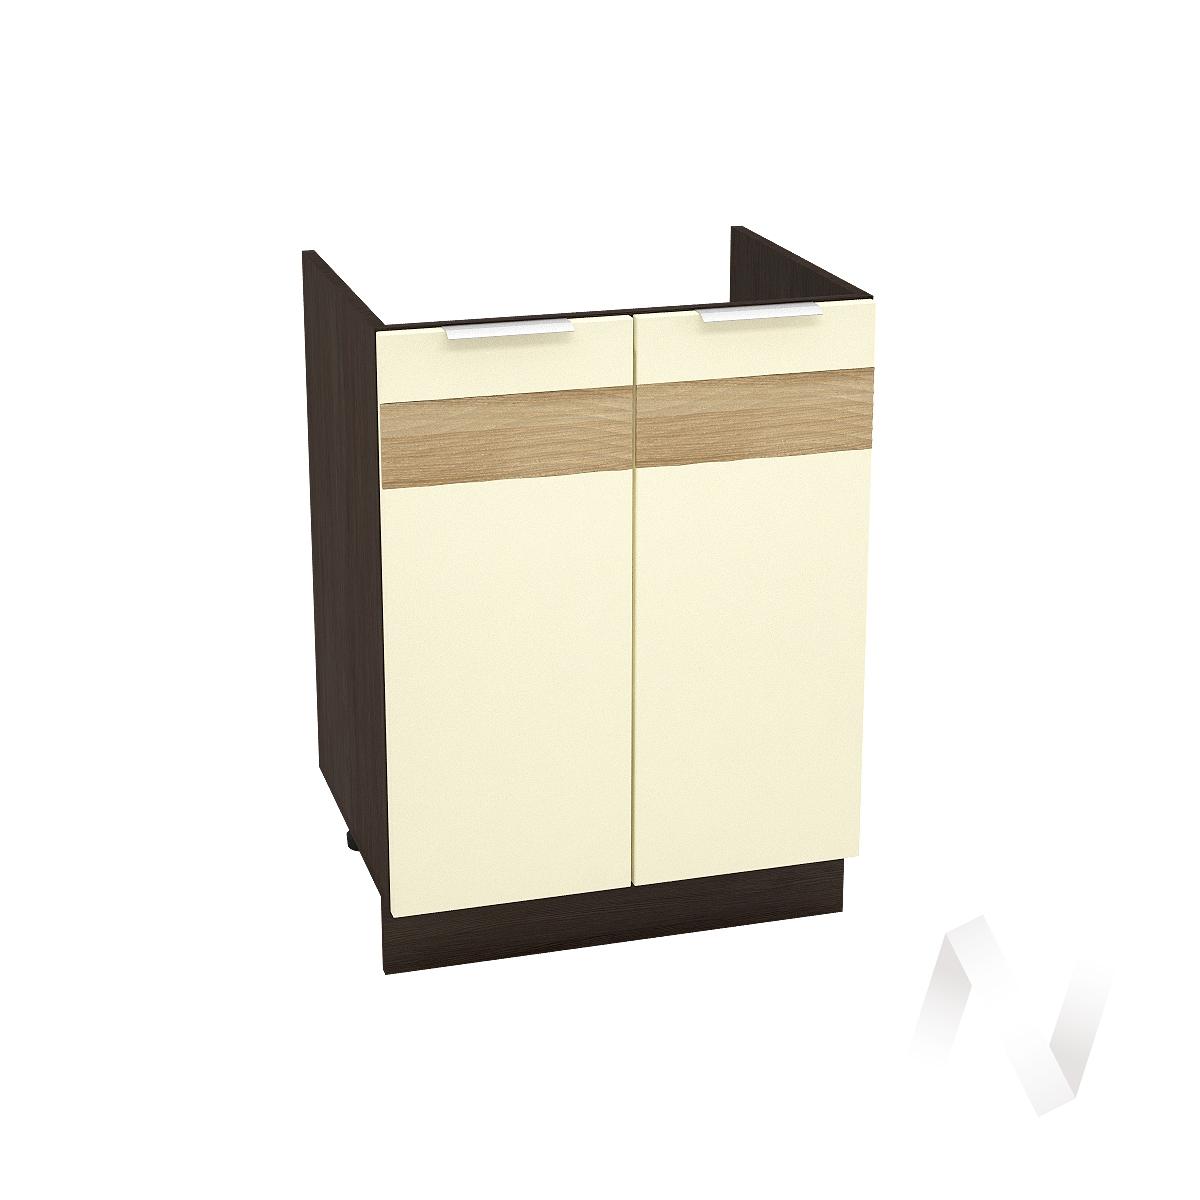 """Кухня """"Терра"""": Шкаф нижний под мойку 600, ШНМ 600 (ваниль софт/корпус венге)"""